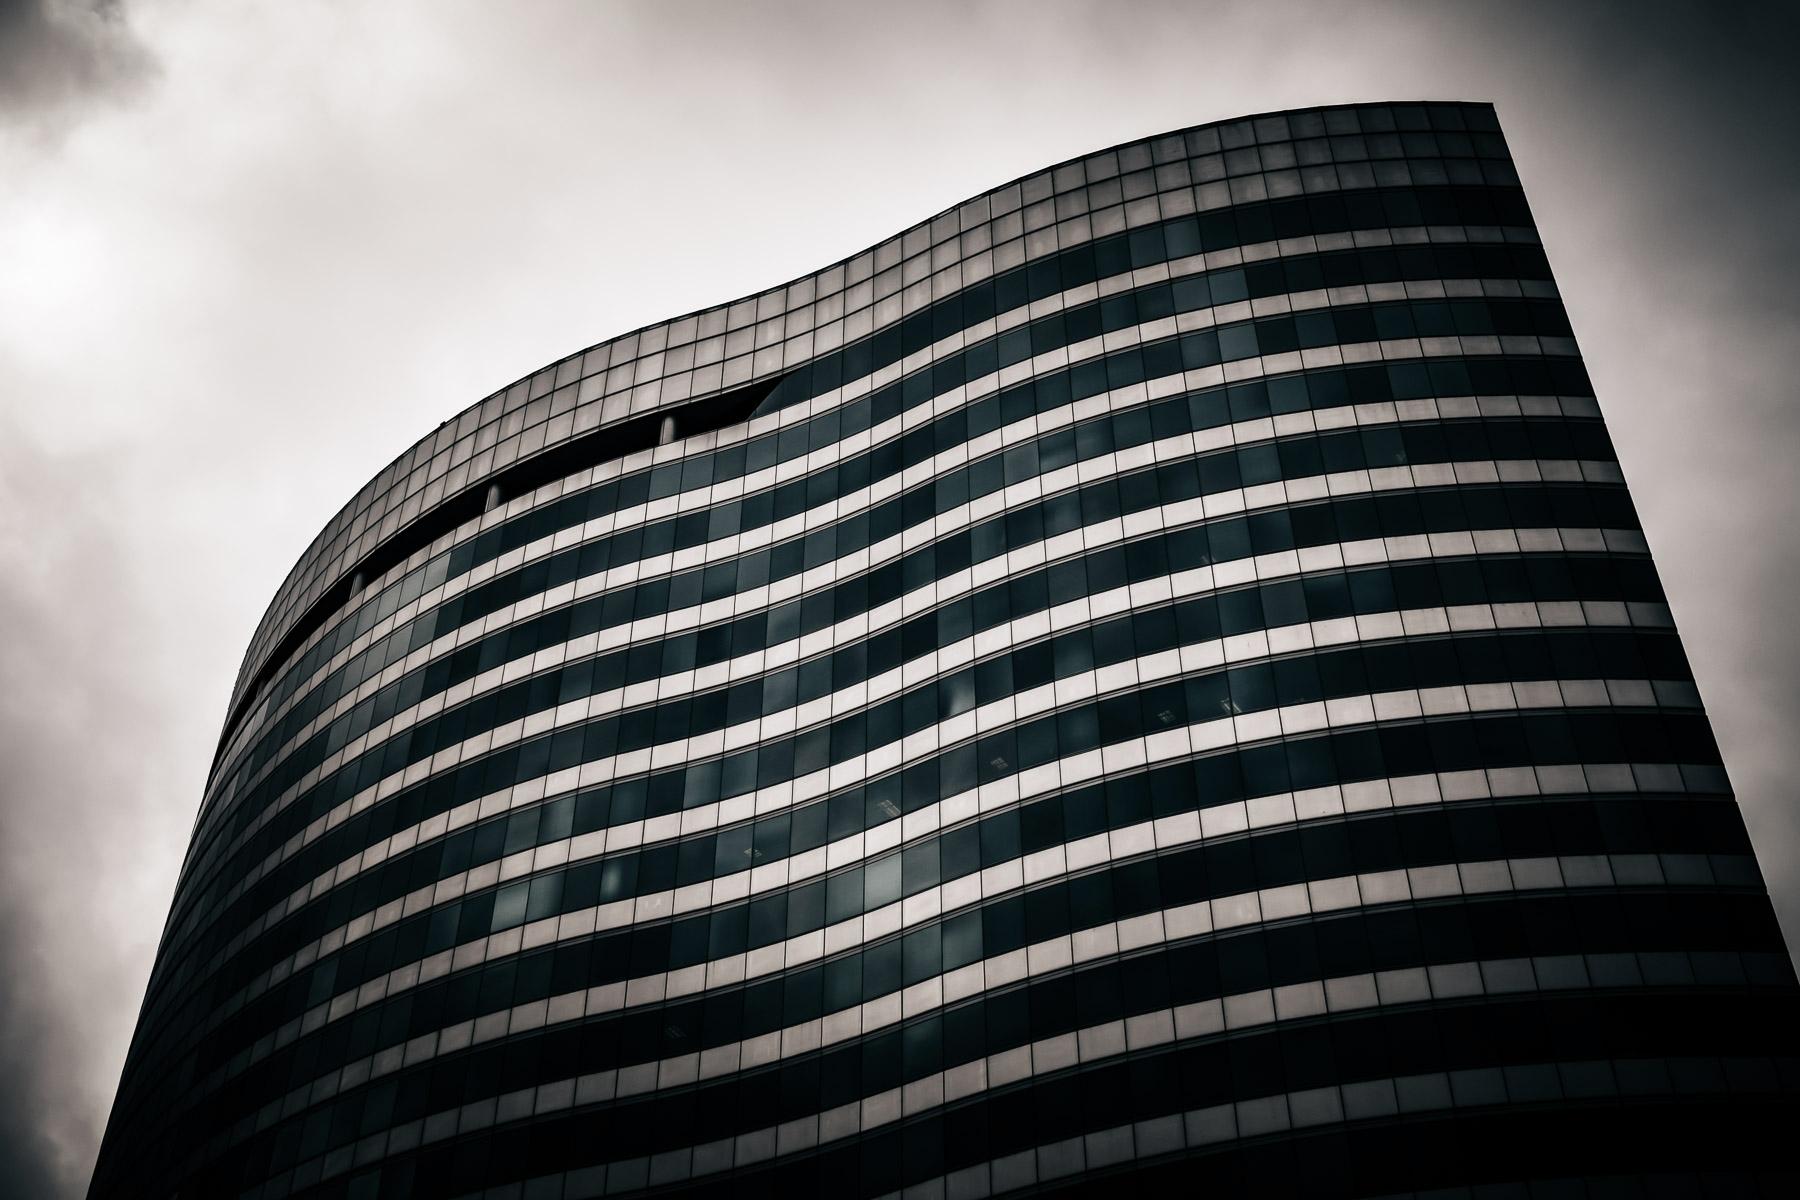 Glass Wave Architectural detail - mattgharvey | ello